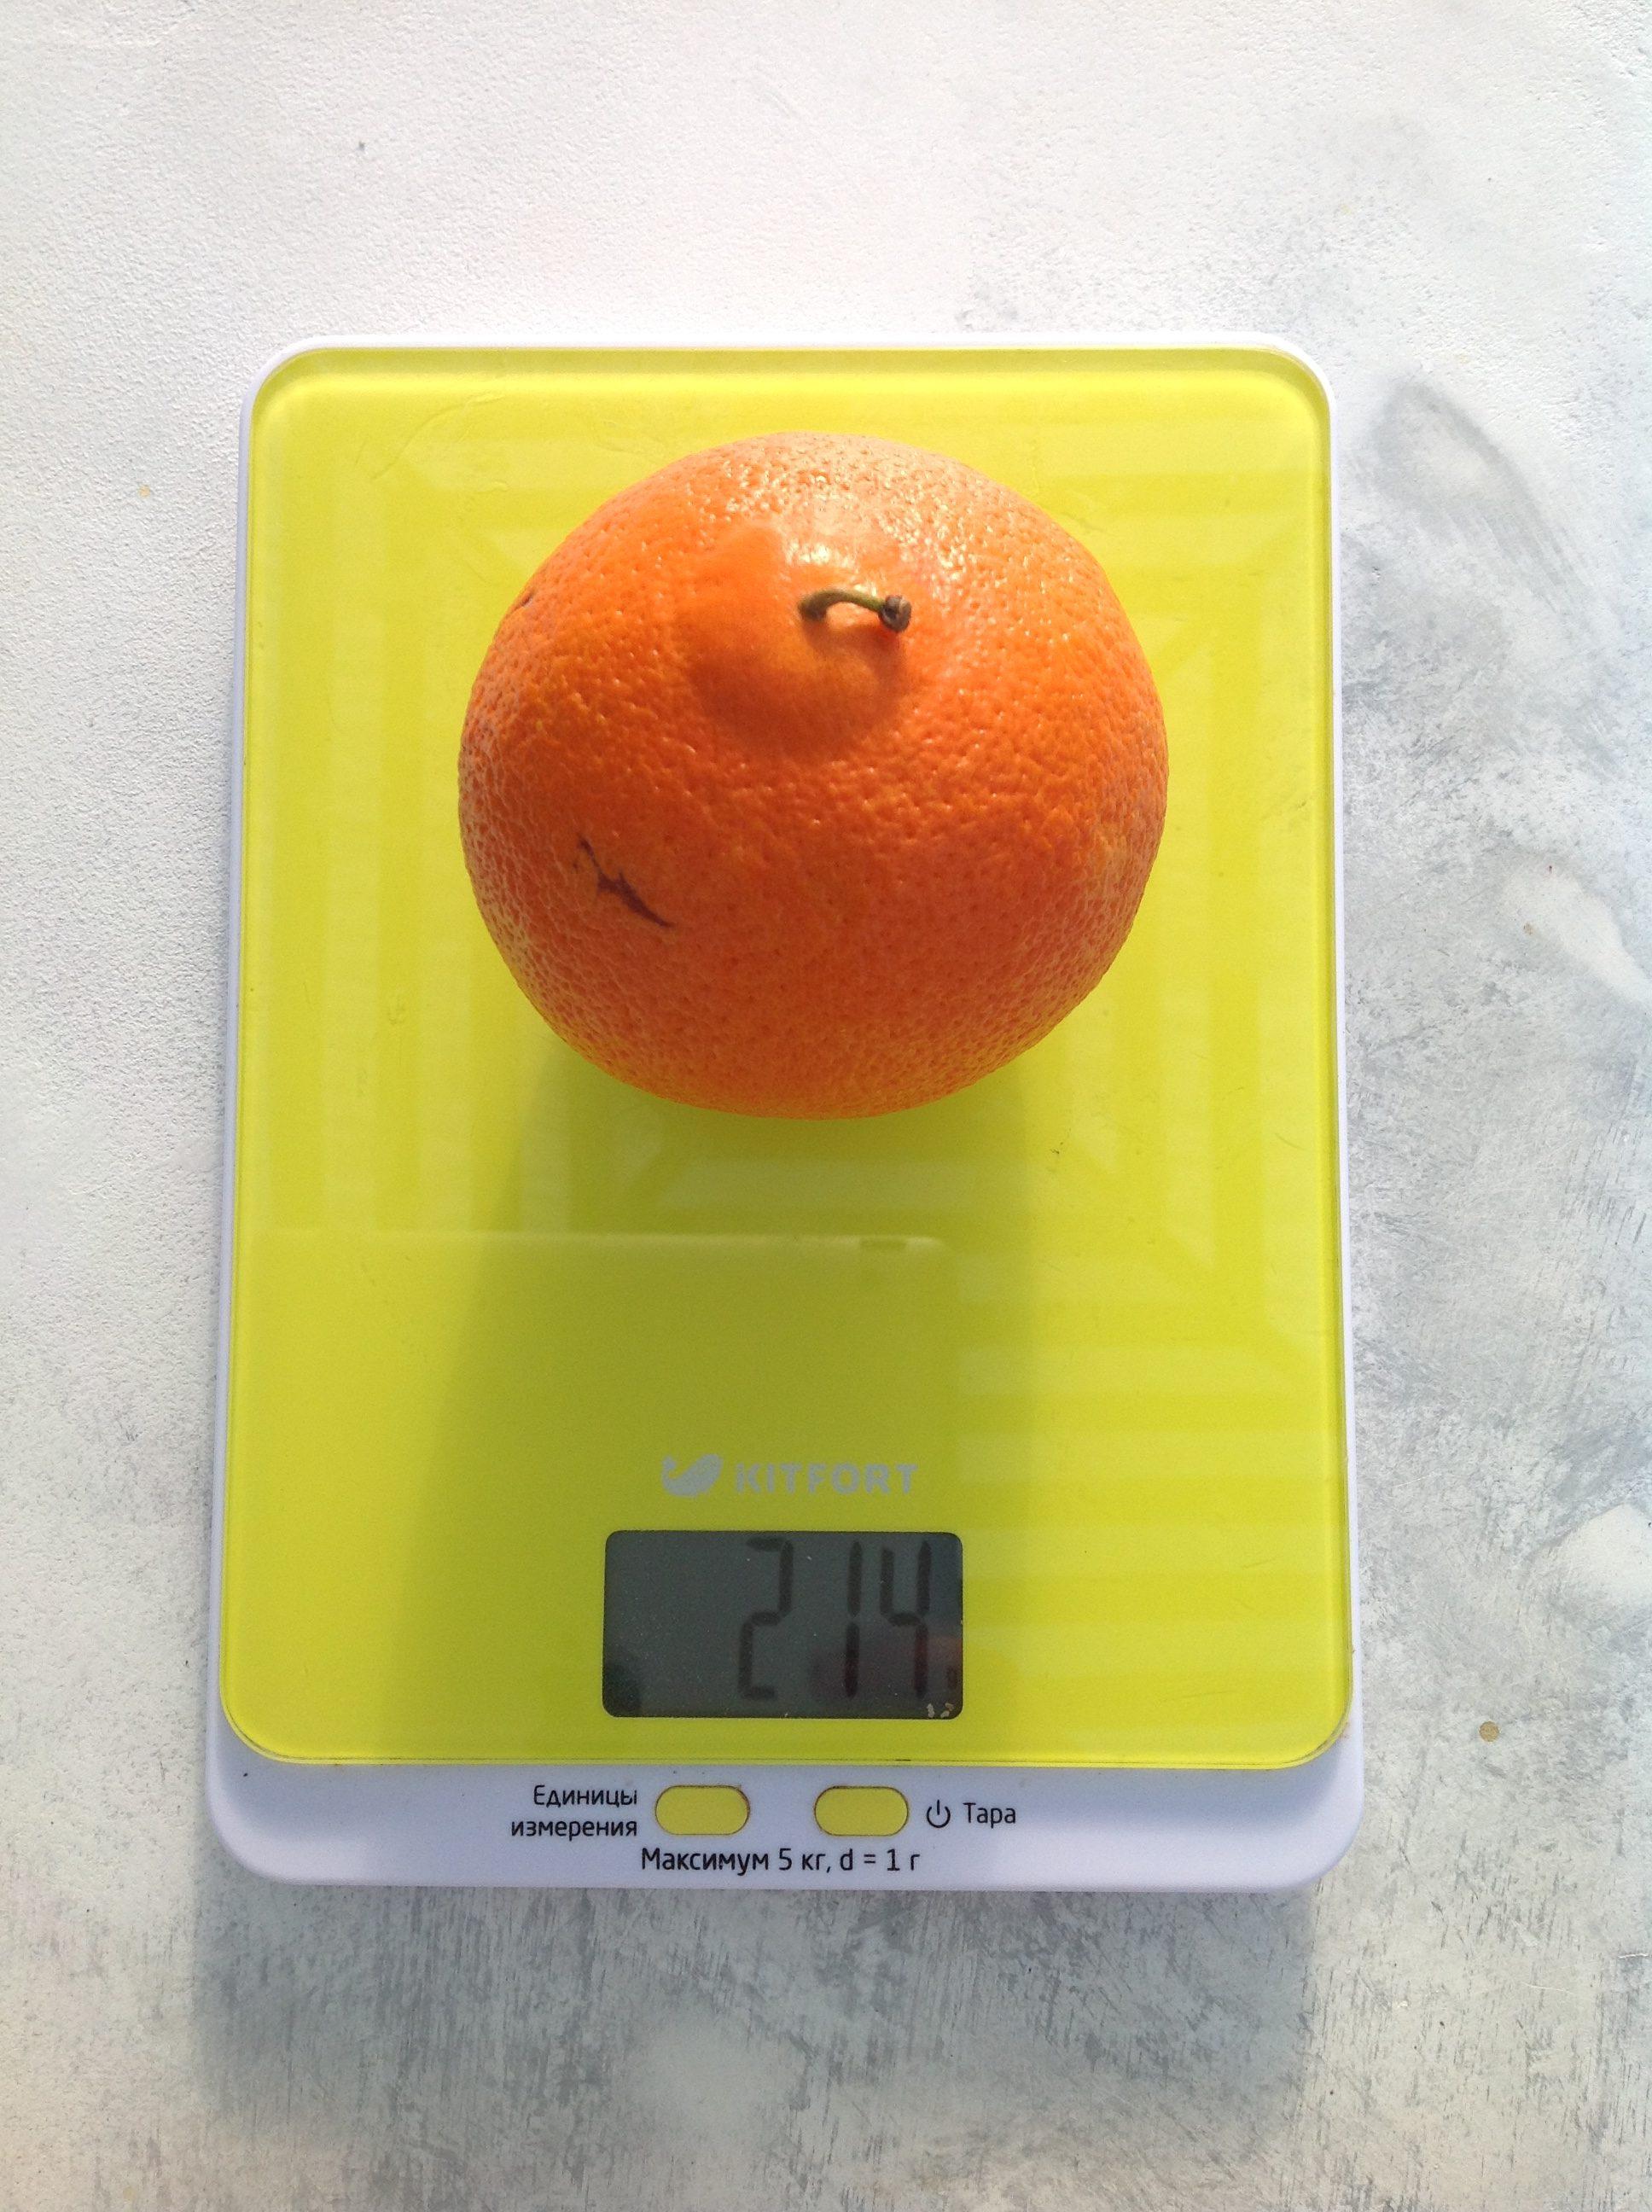 вес апельсина среднего